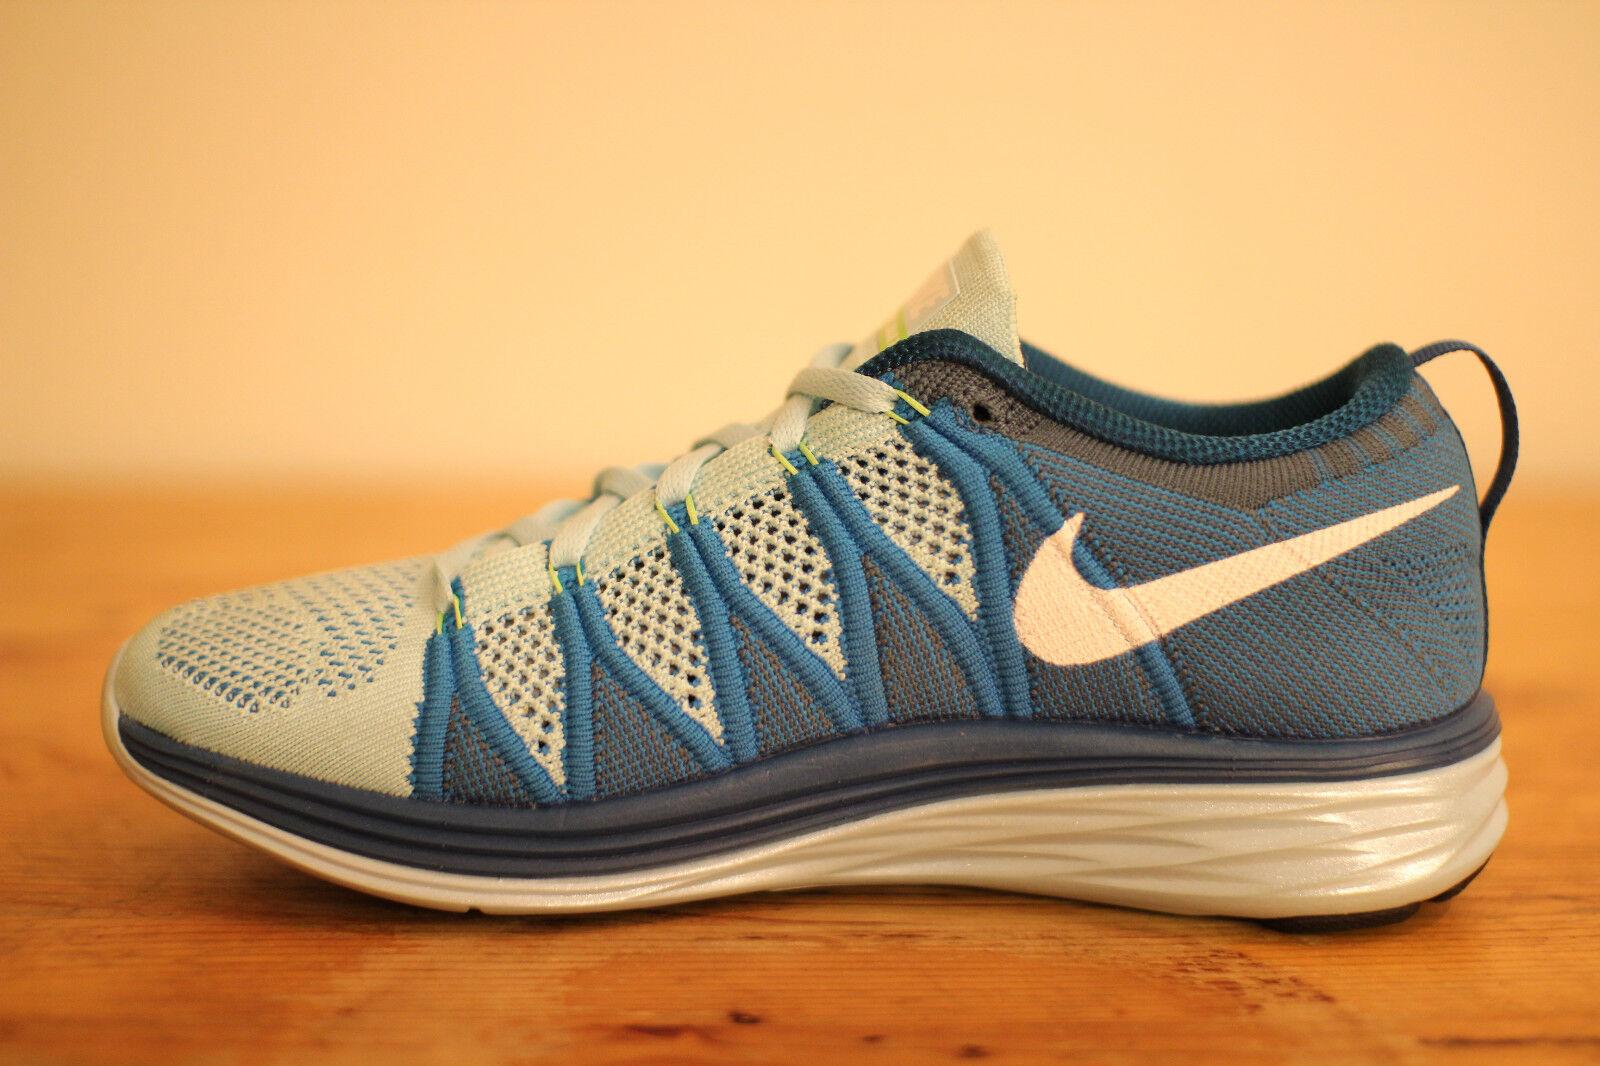 Nike Free Flyknit für Lunar 2 Blau für Flyknit Damen Gr.37, 38, 39, 40 NEU & OVP ac10bb